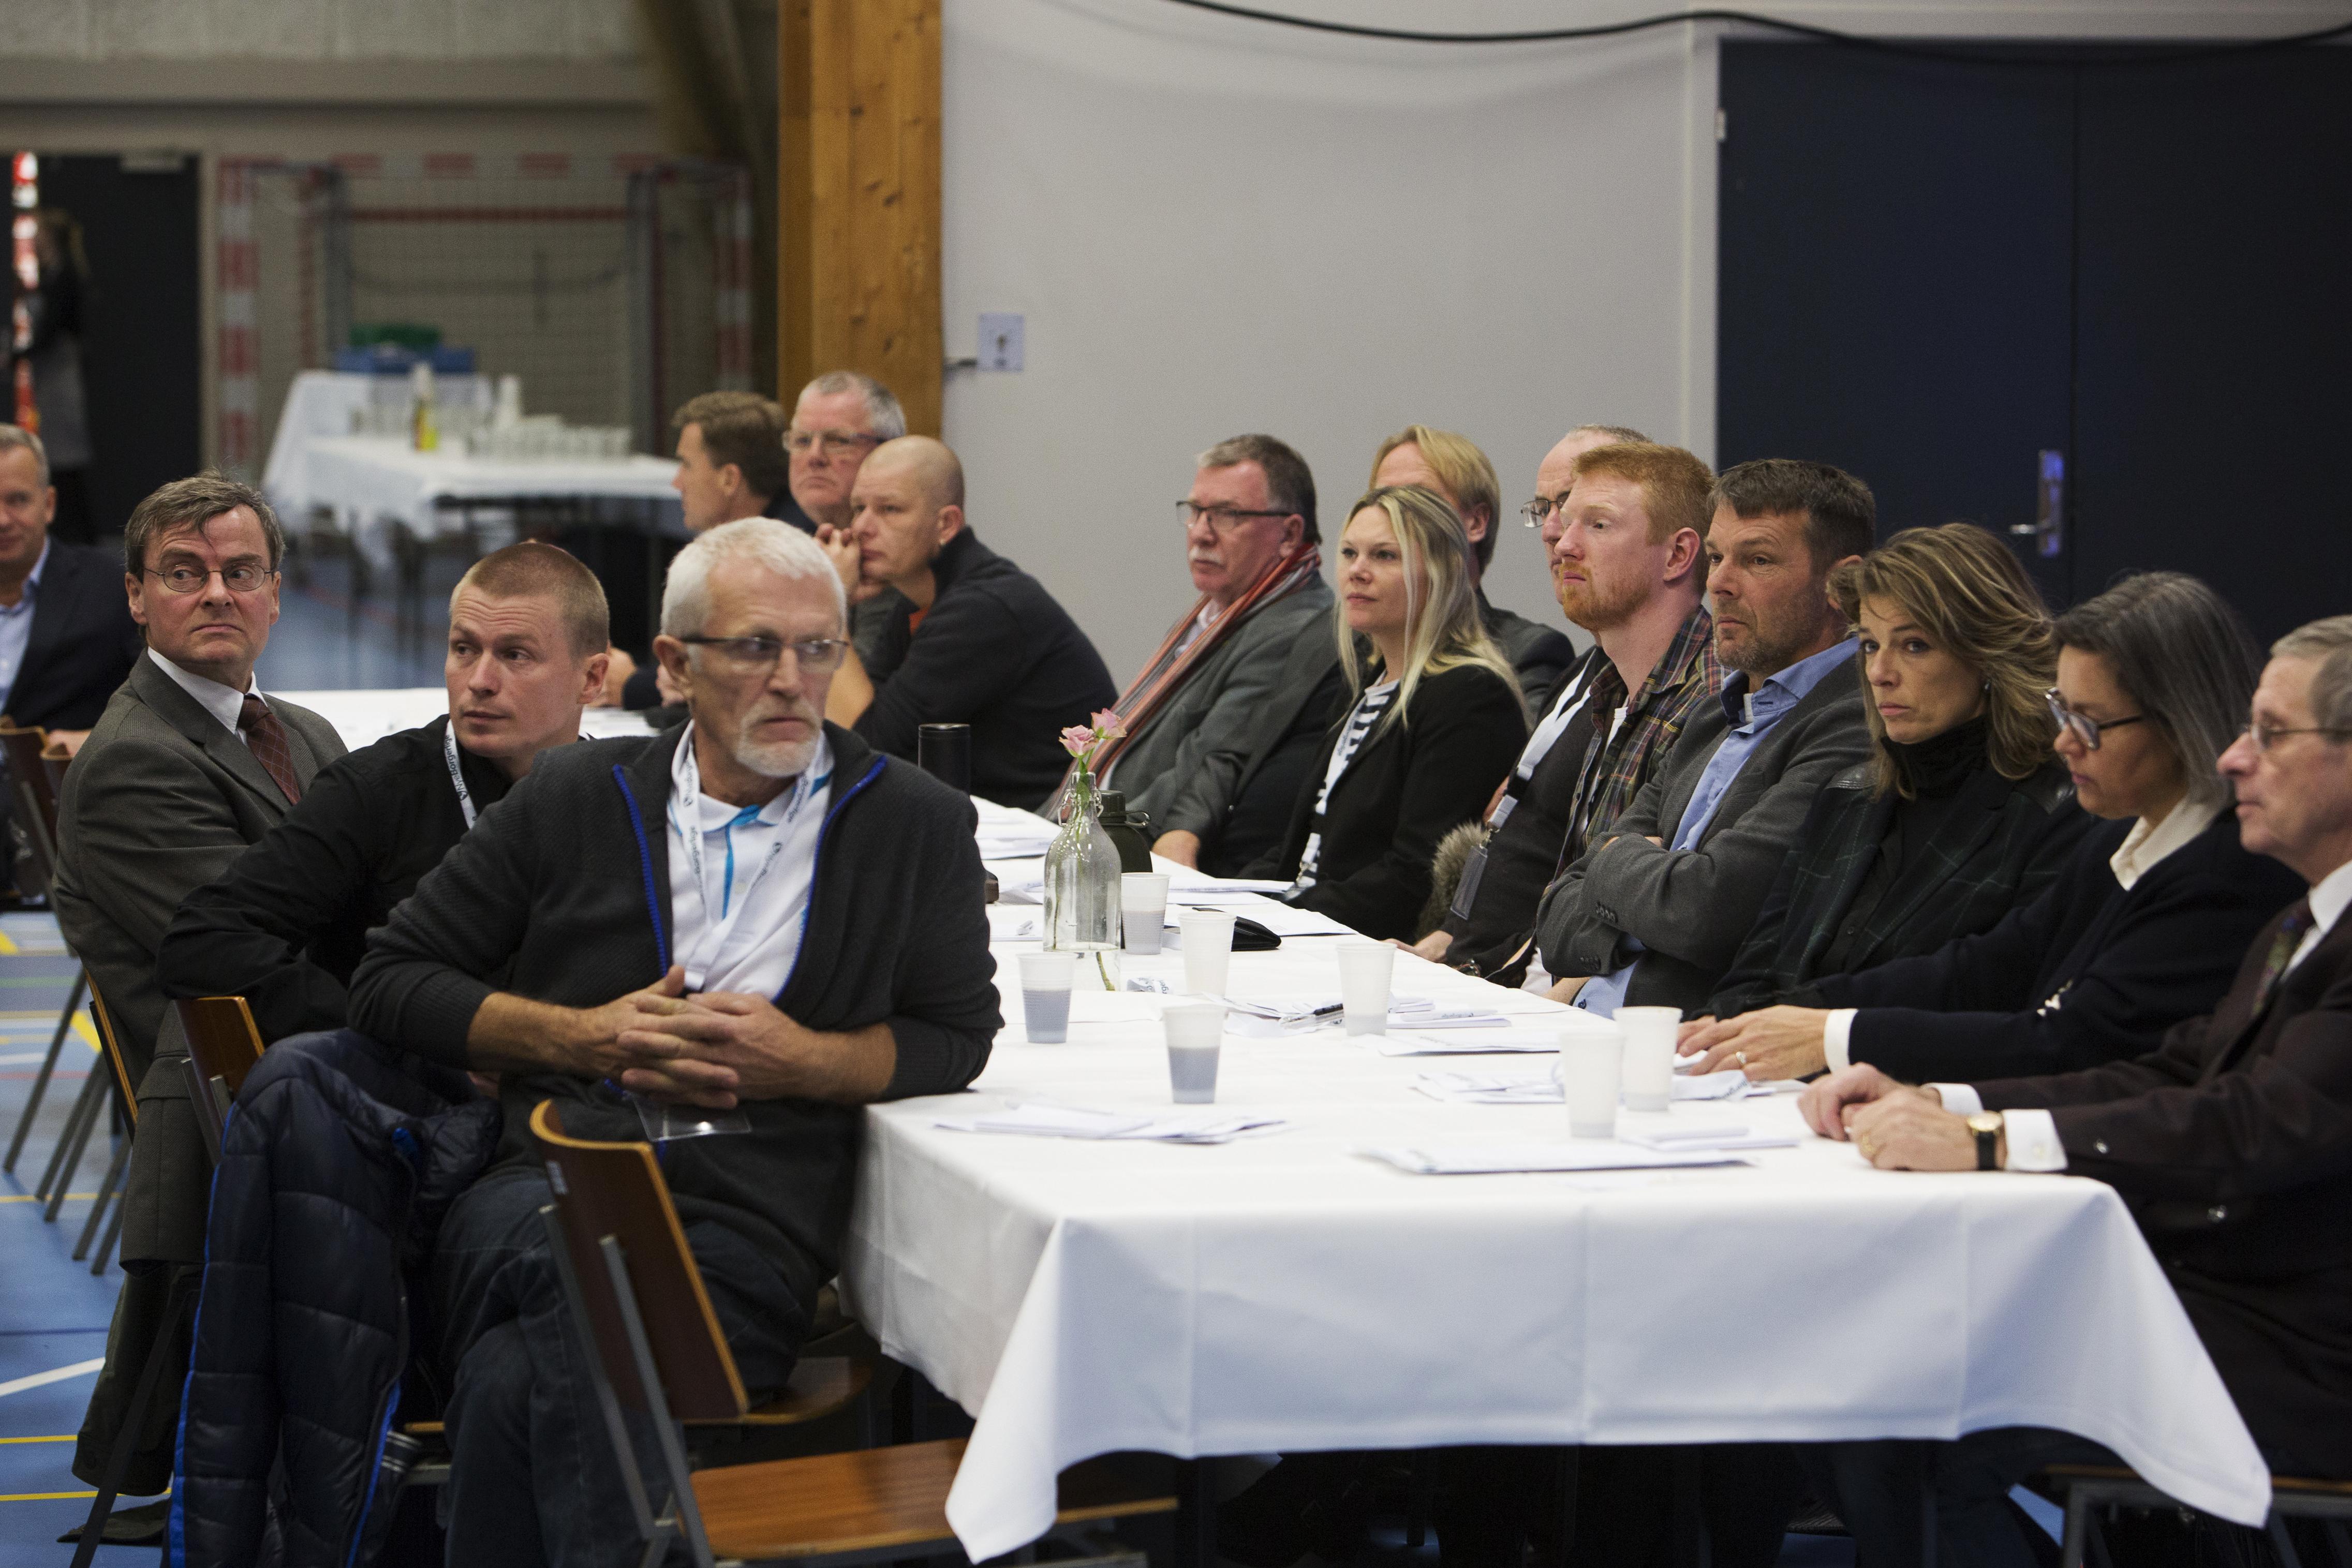 Søren Lind Jensen ses her (yderst til venstre) ved Nye Borgerliges årsmøde i 2016. Foto: Researchkollektivet Redox.